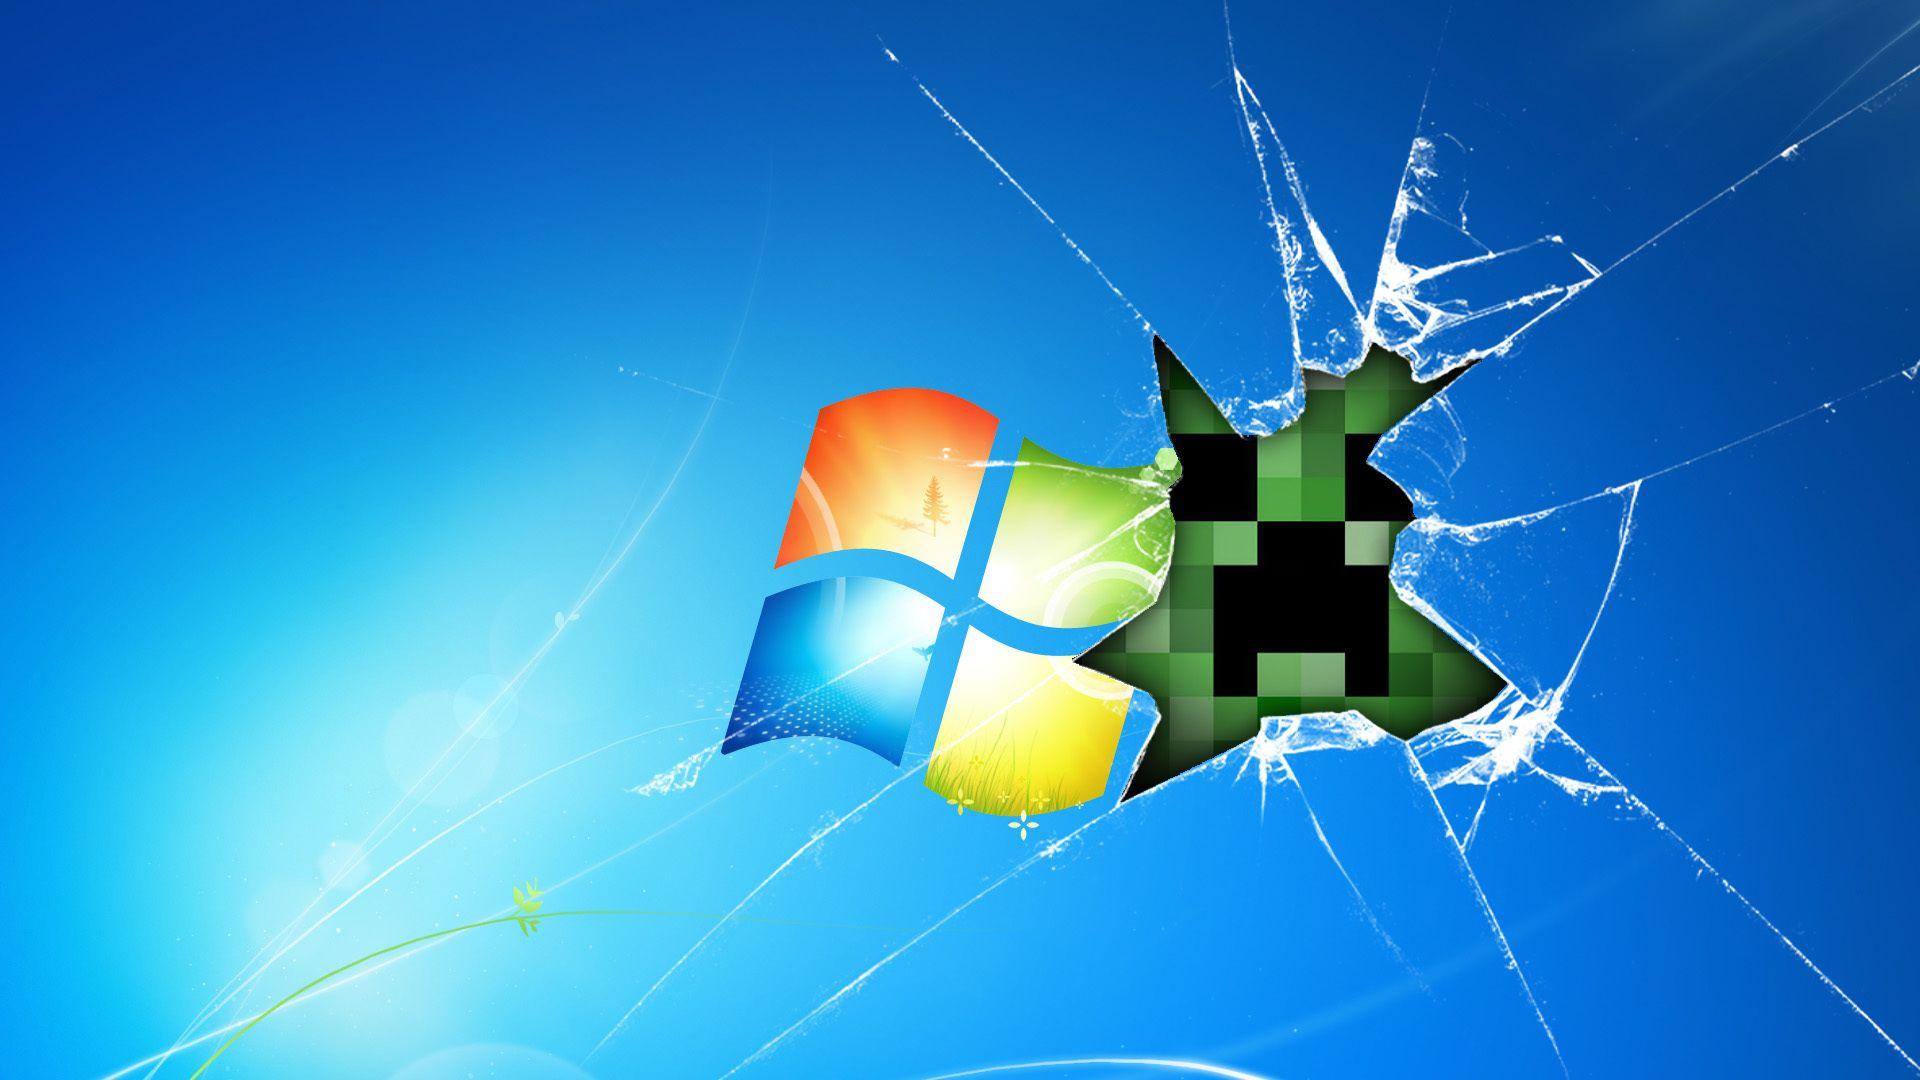 Minecraft壁紙窓7 窓デスクトップ壁紙hd 1600x900 Wallpapertip